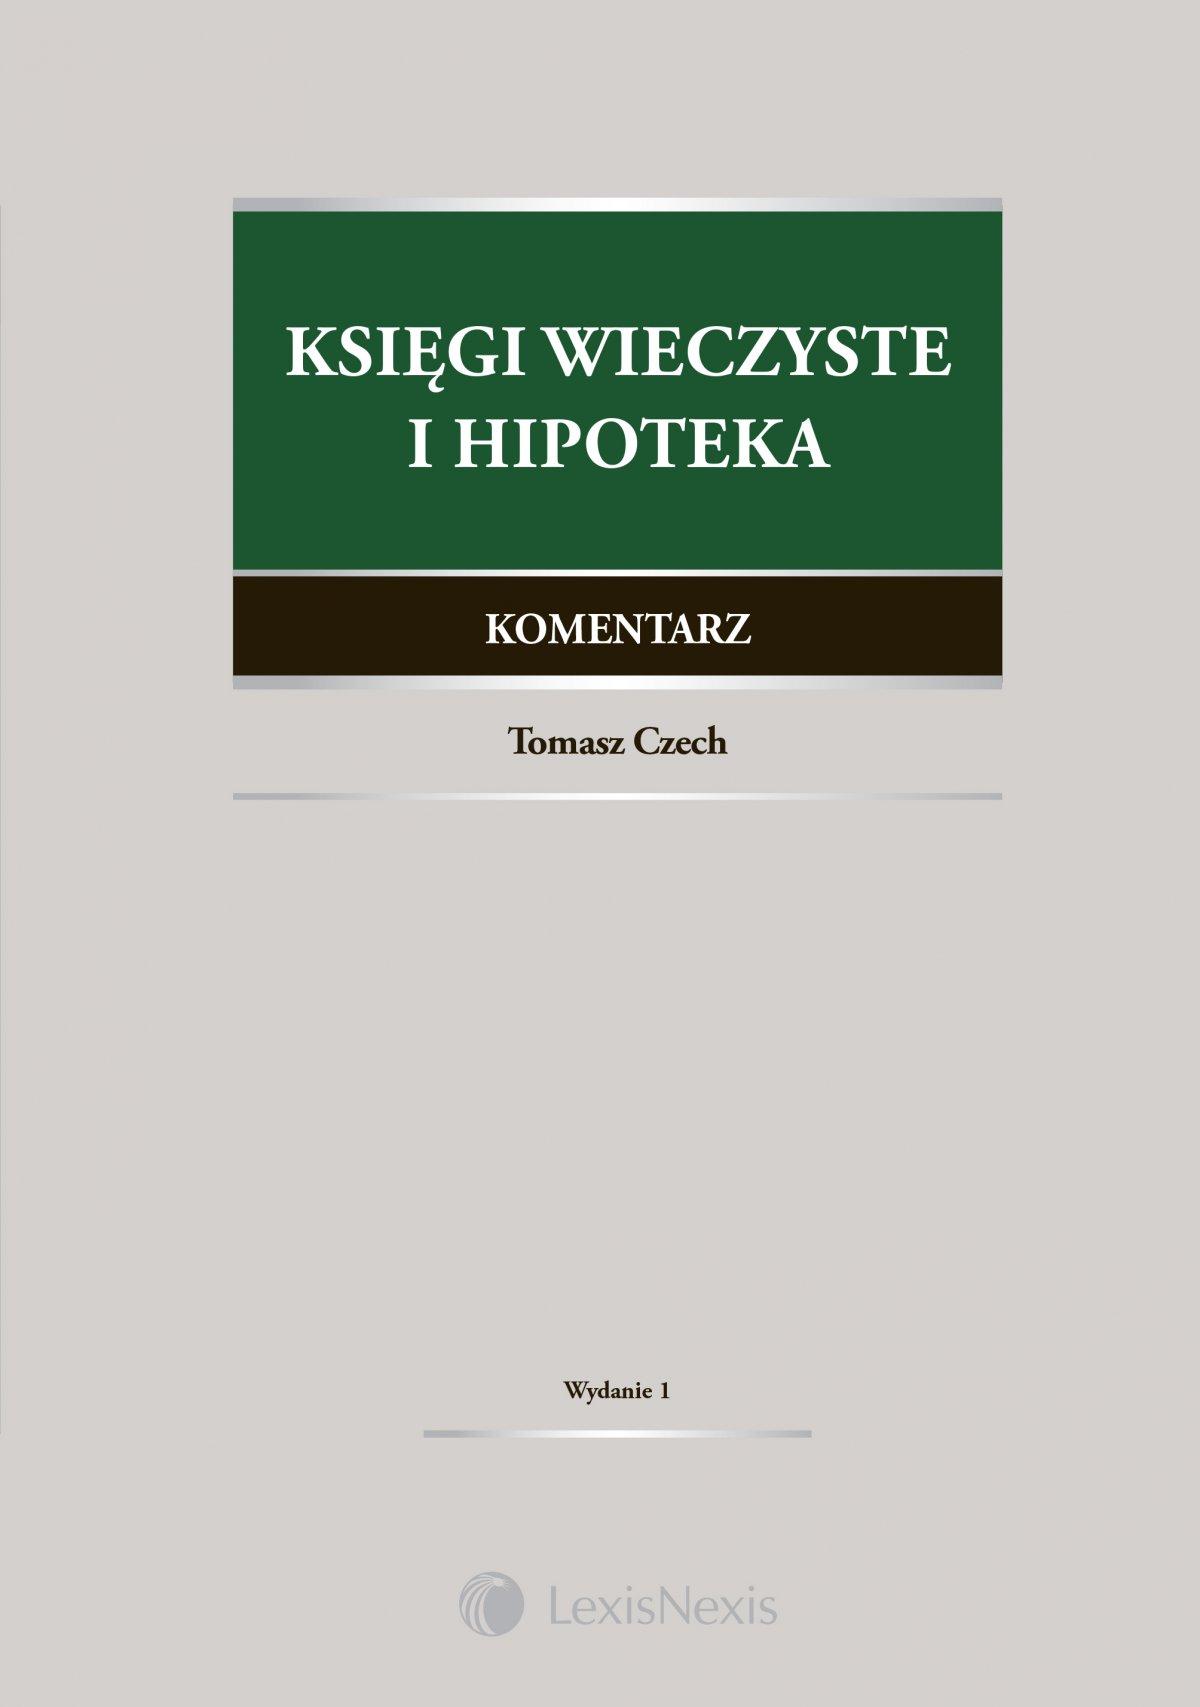 Księgi wieczyste i hipoteka. Komentarz. Wydanie 1 - Ebook (Książka EPUB) do pobrania w formacie EPUB